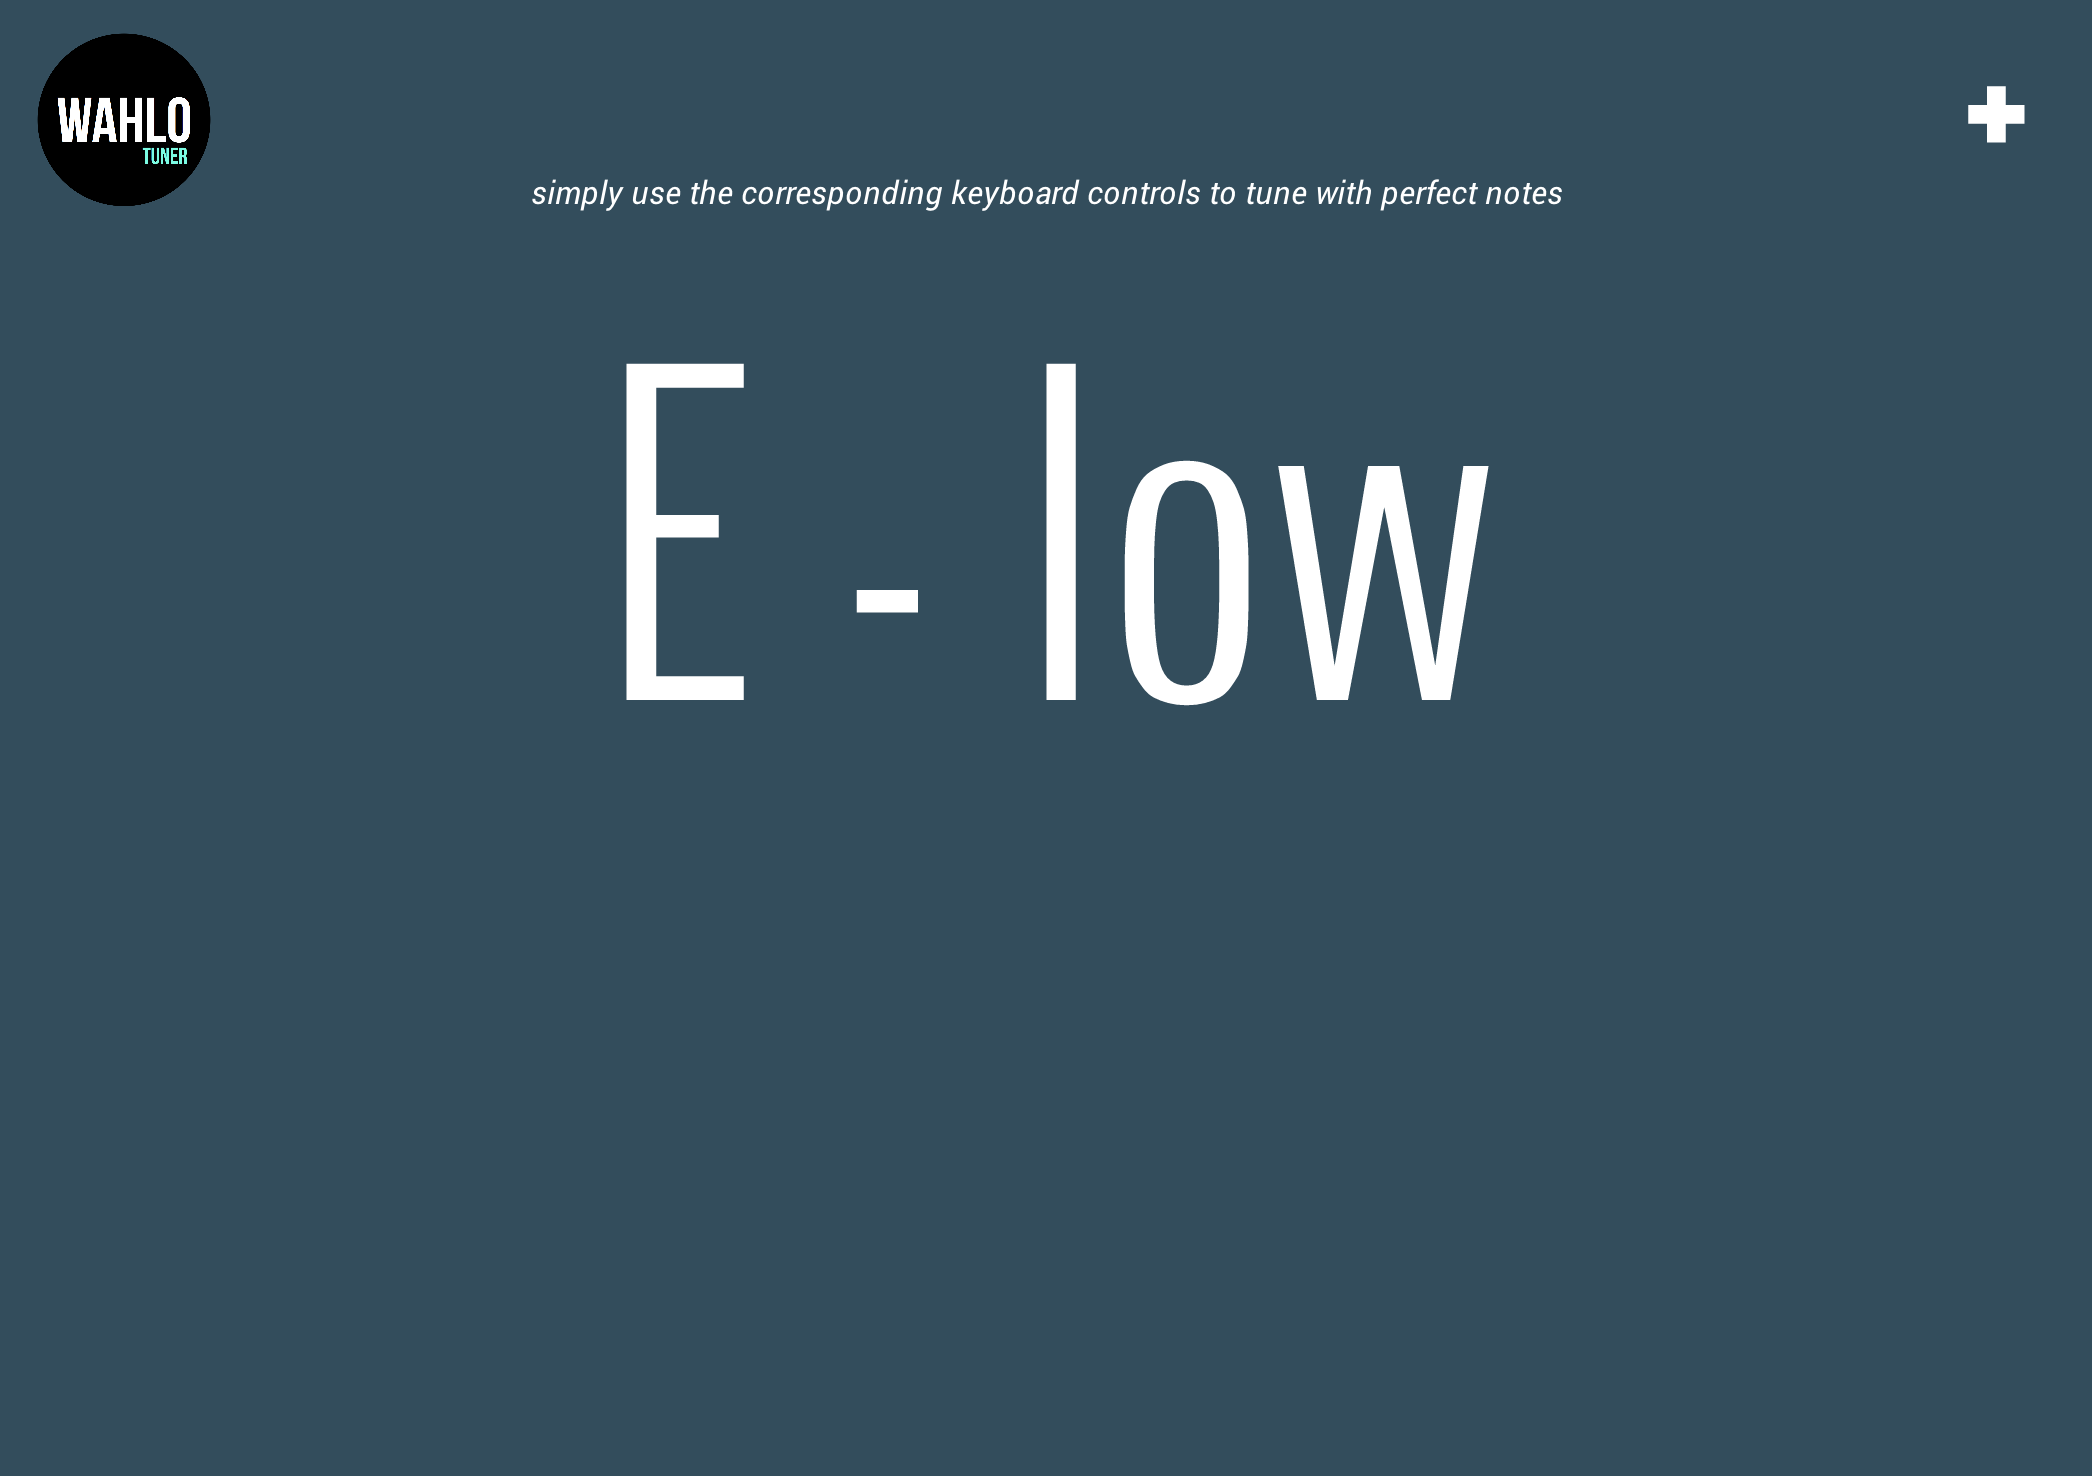 E low